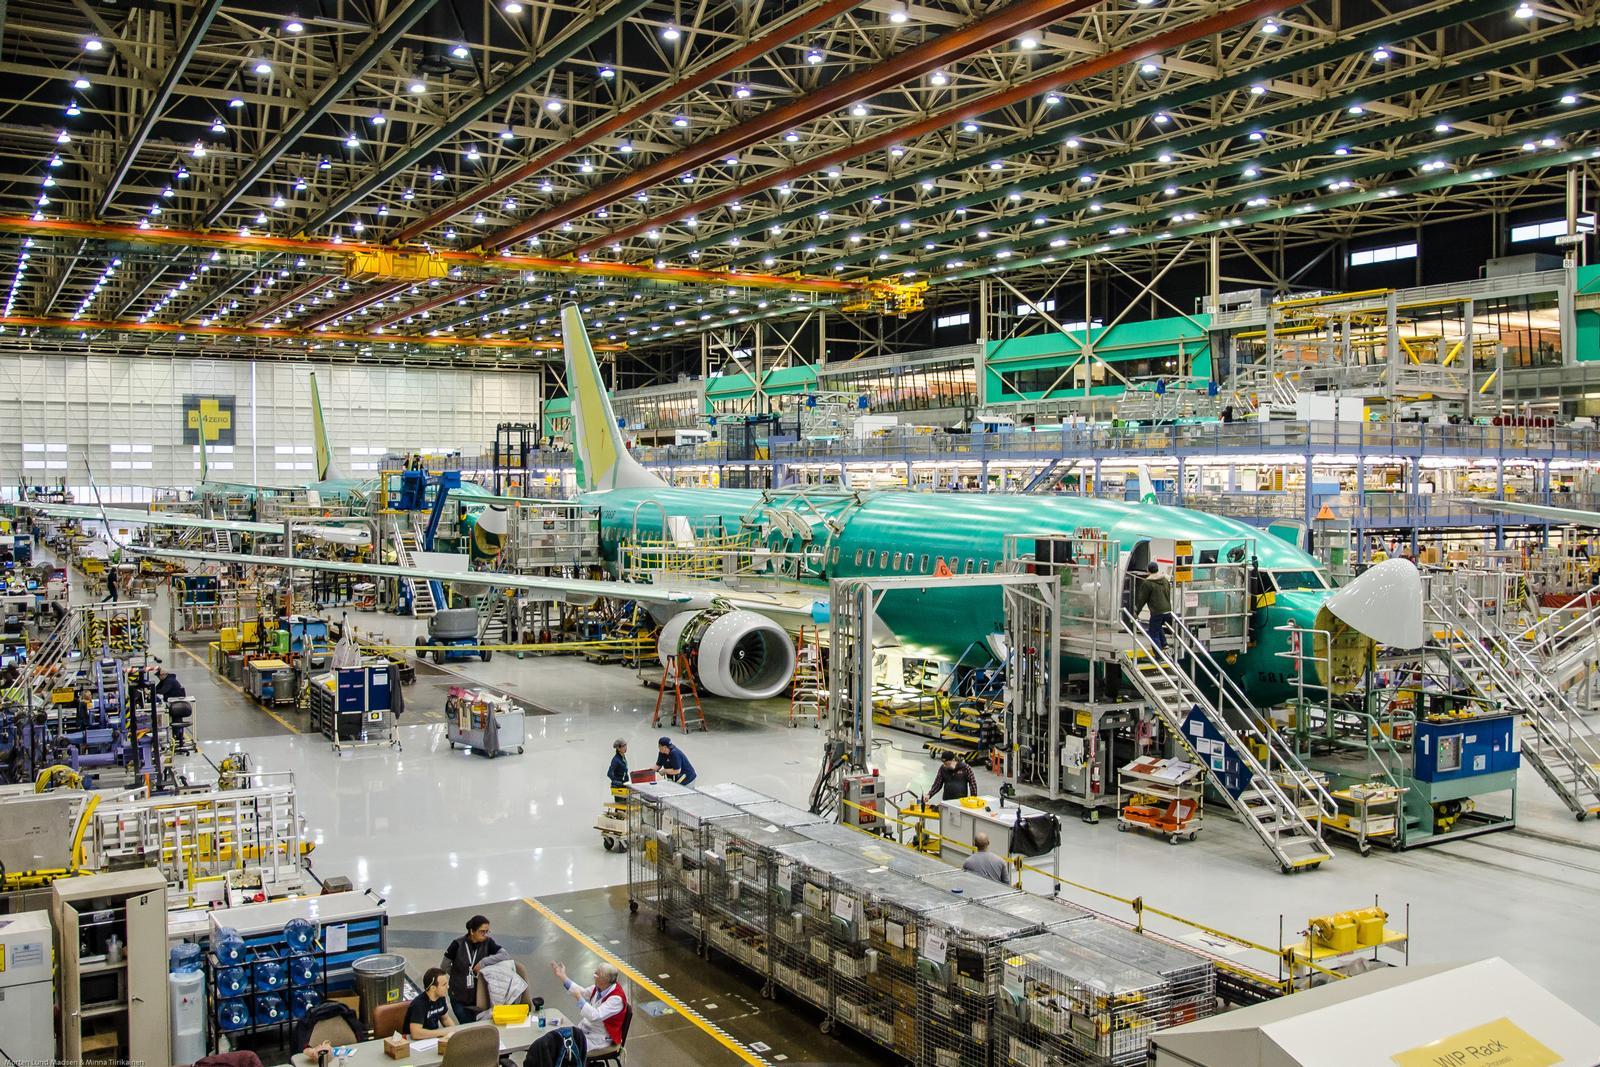 Boeing Renton Factory, hvor 737 produceres. (Arkivfoto: Morten Lund Tiirikainen)